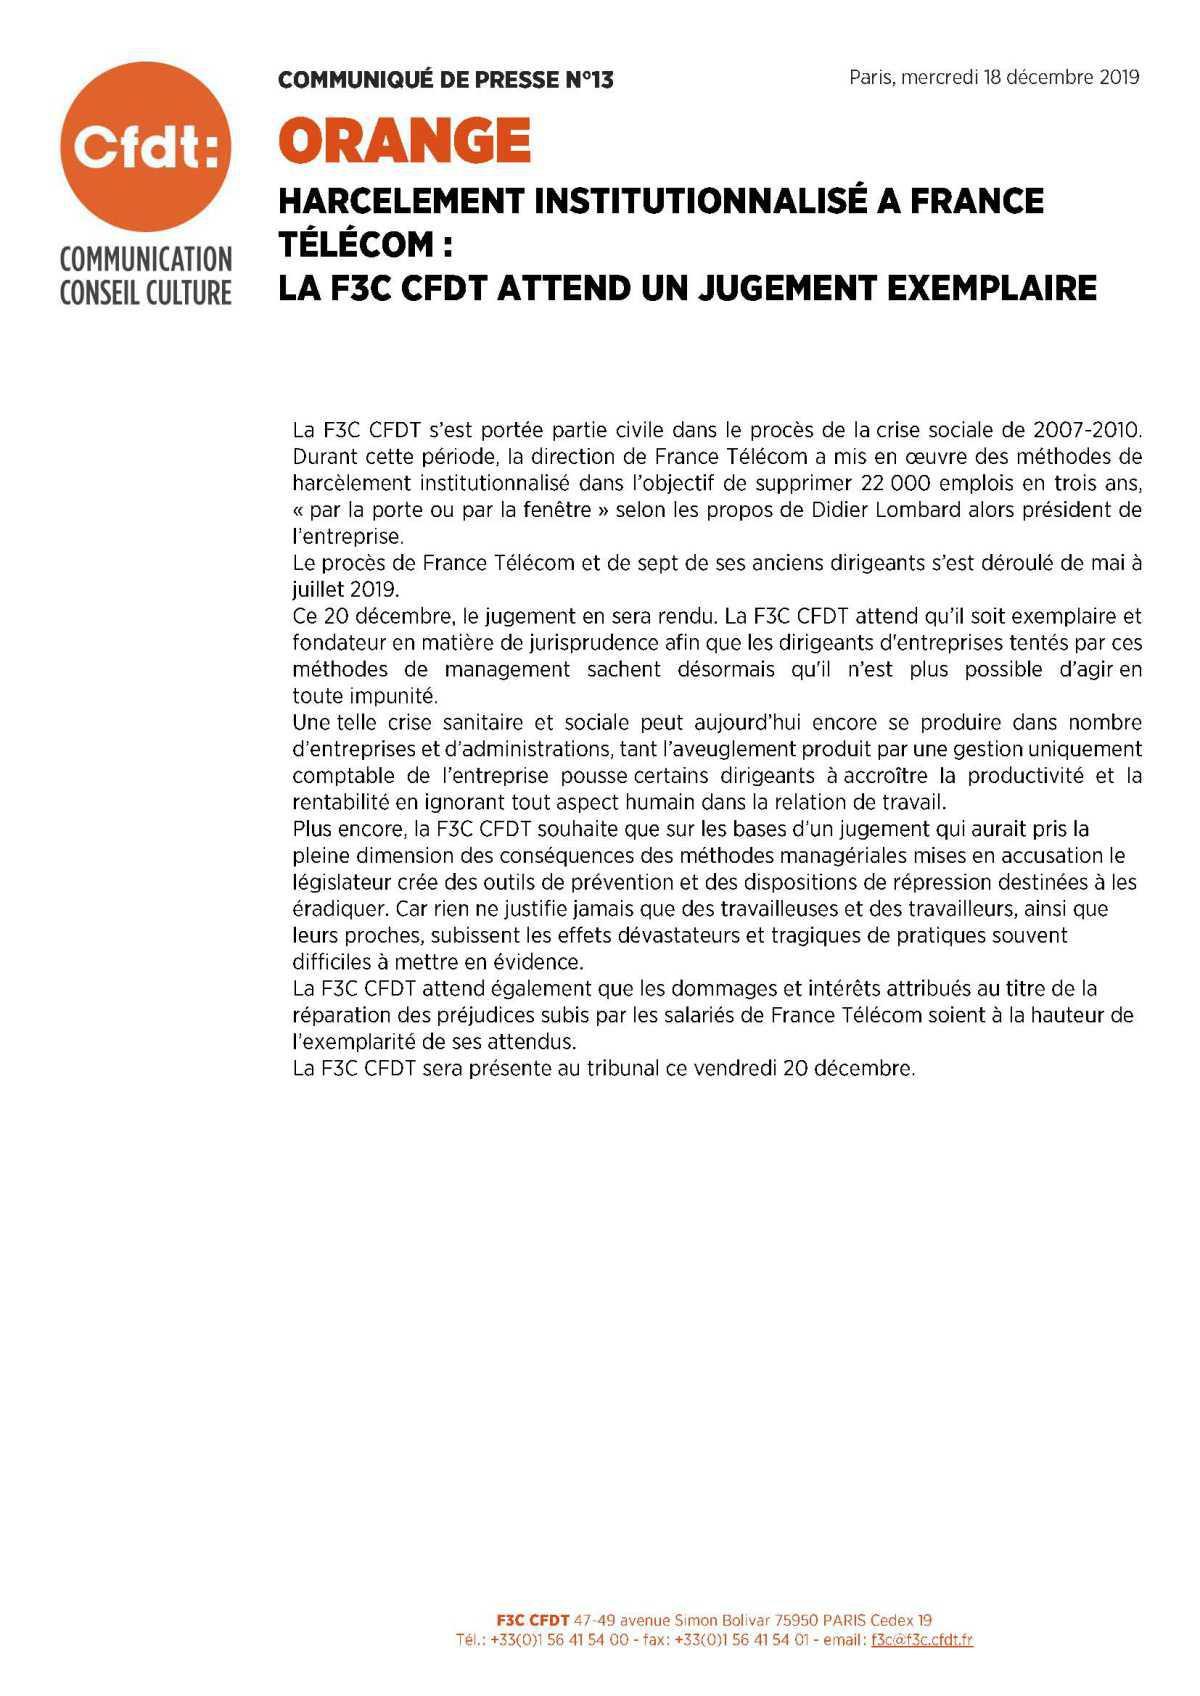 Jugement attendu le 20 décembre concernant le procès de la crise sociale